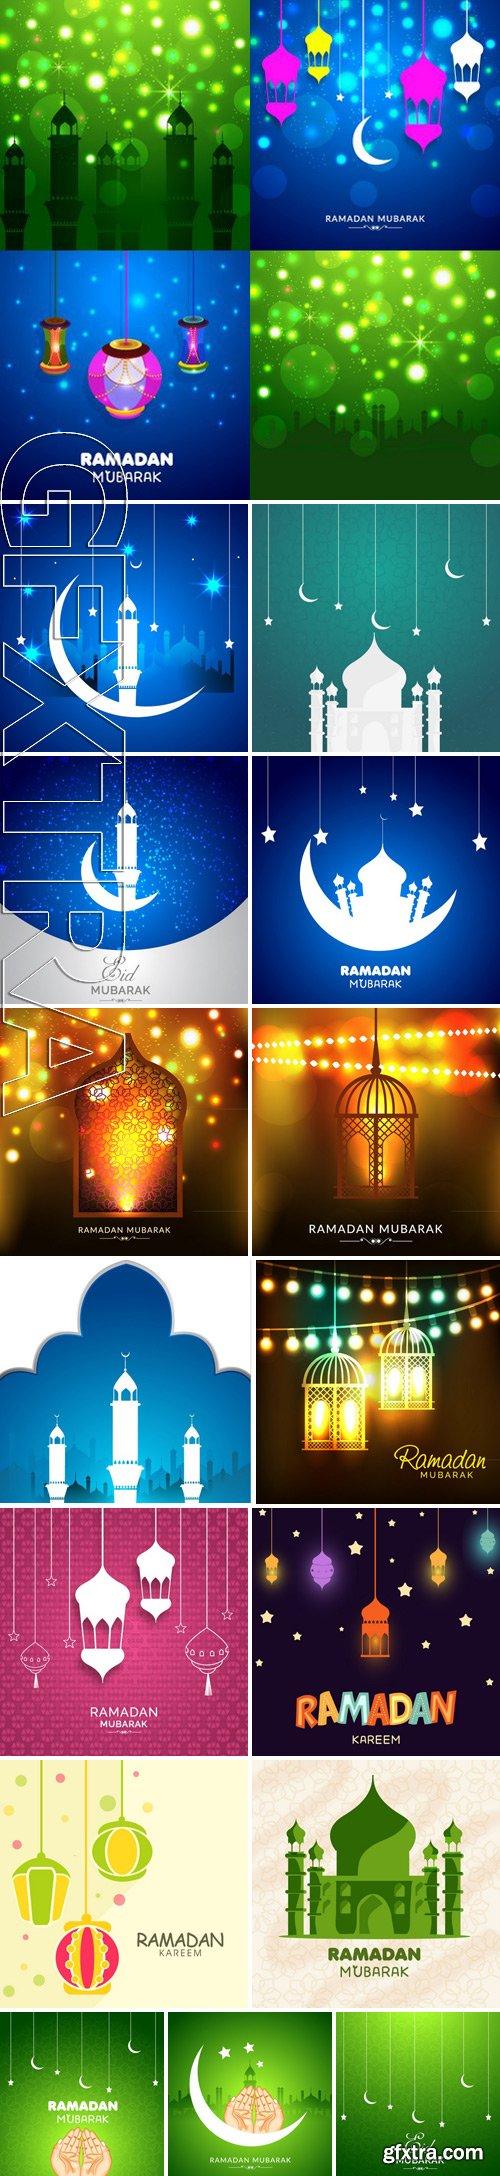 Stock Vectors - Greeting Set For Ramadan Kareem